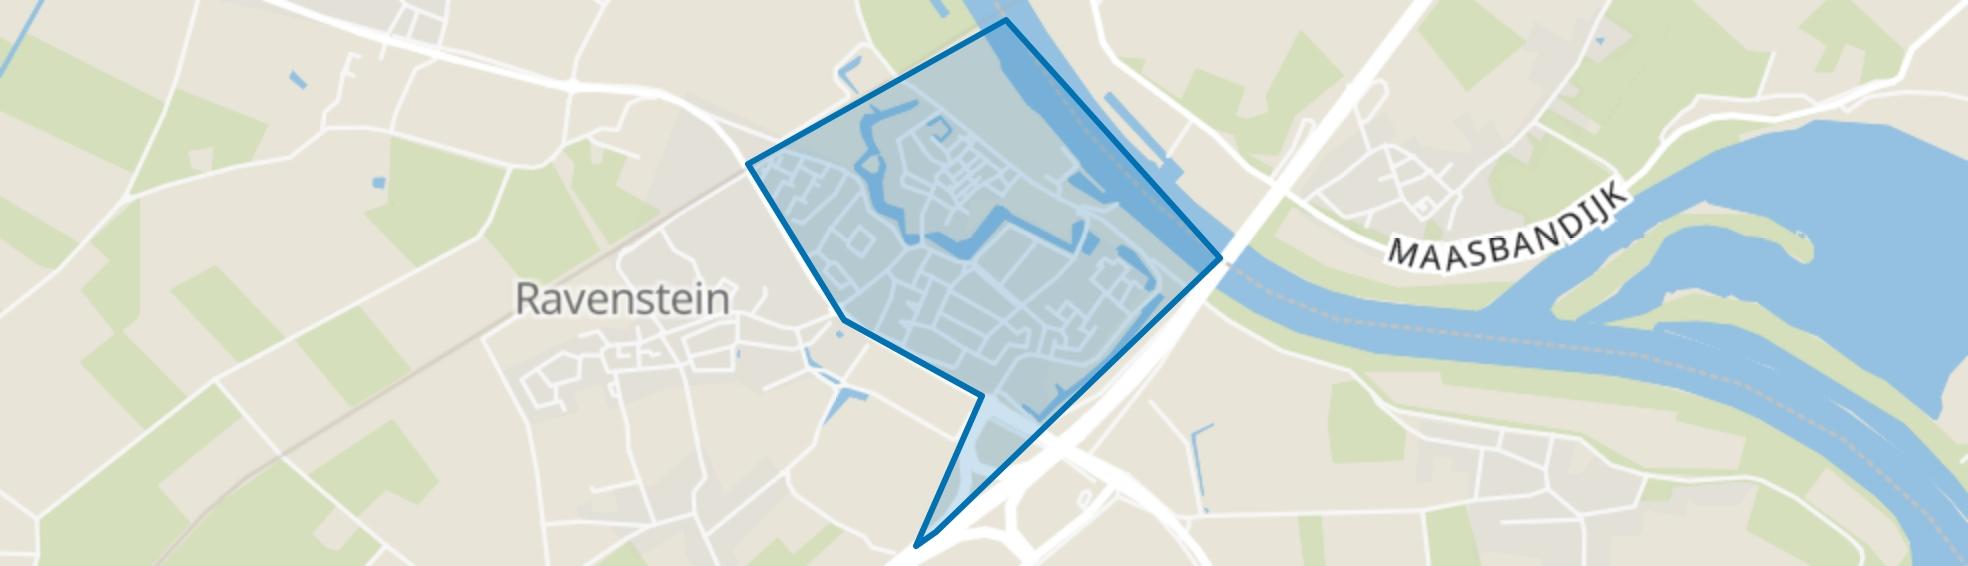 Ravenstein, Ravenstein map